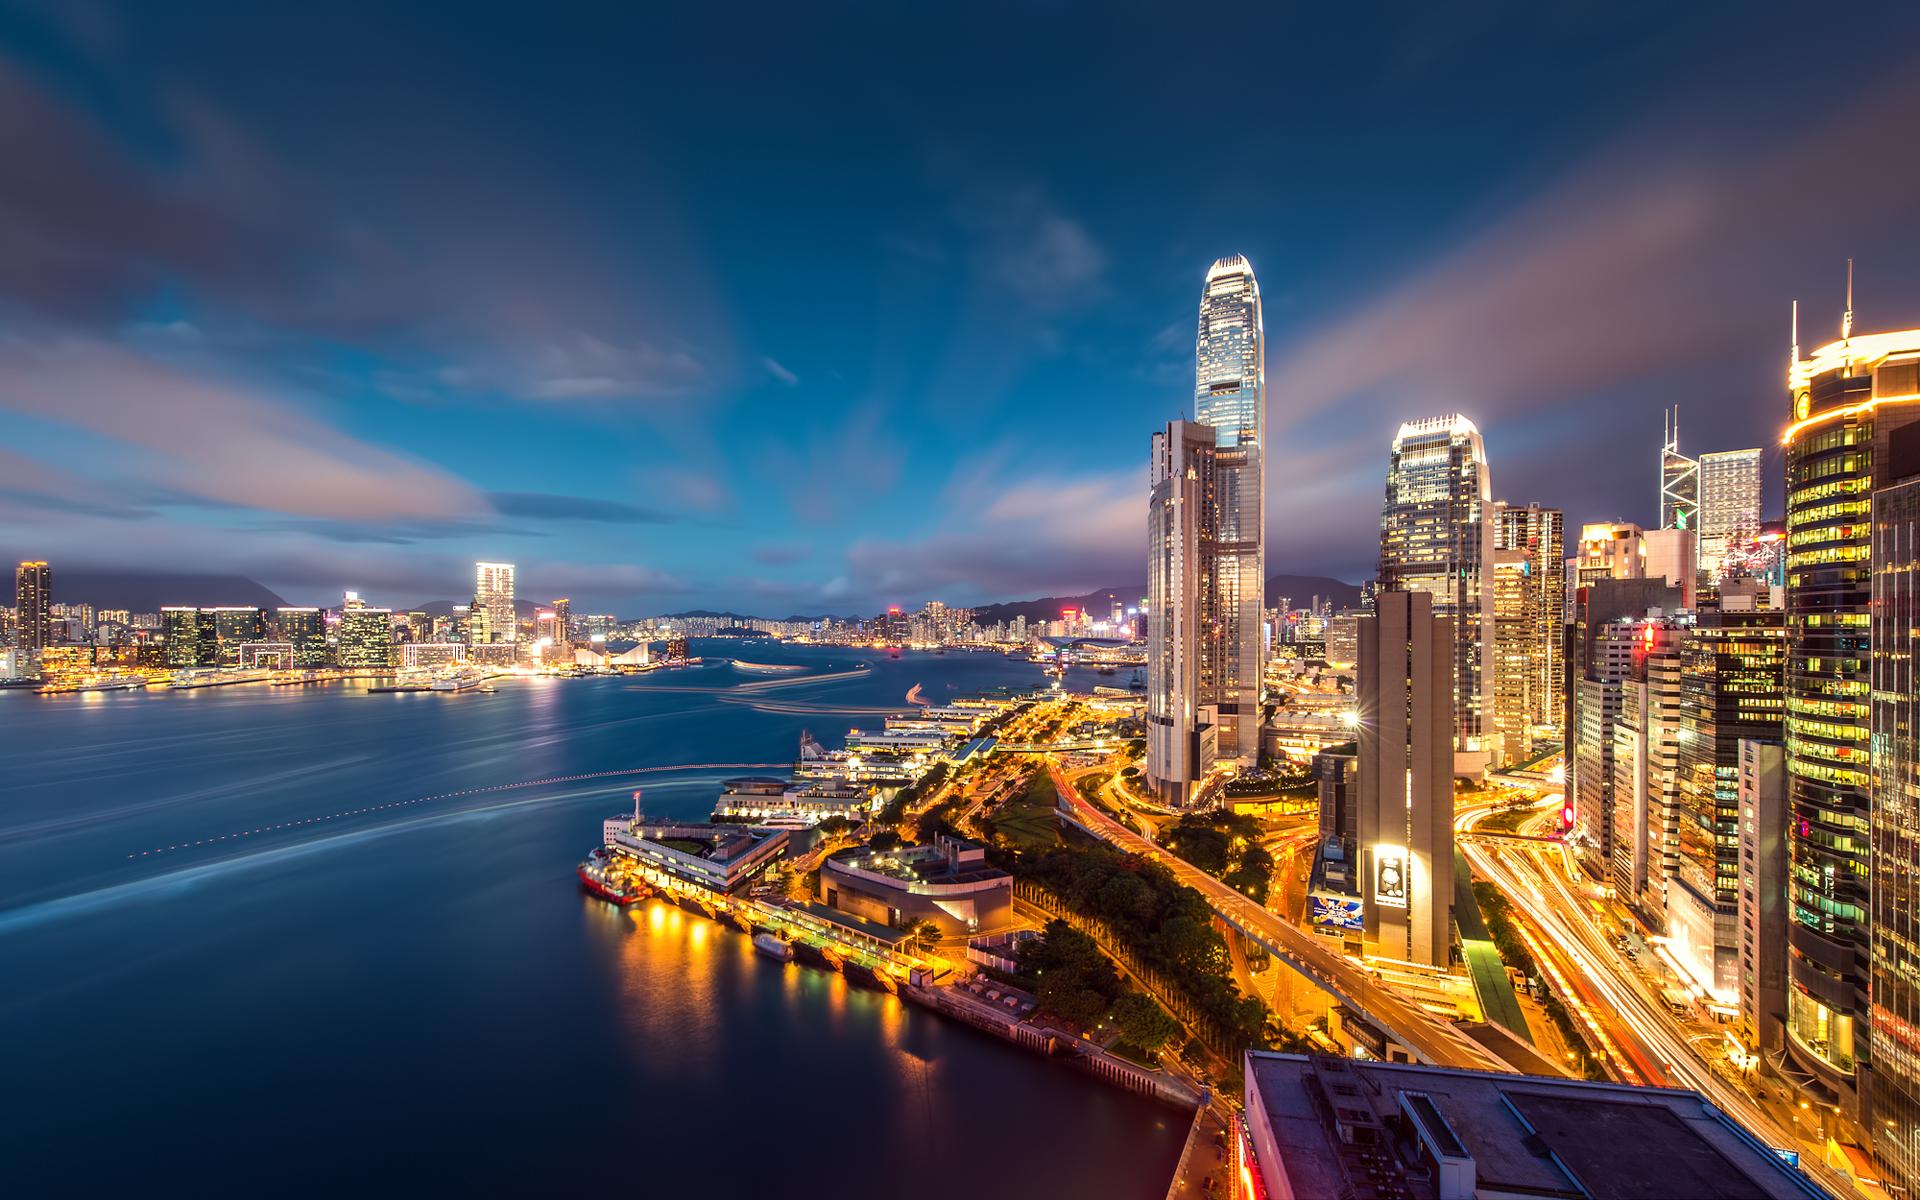 Delighful Hong Kong with Macau